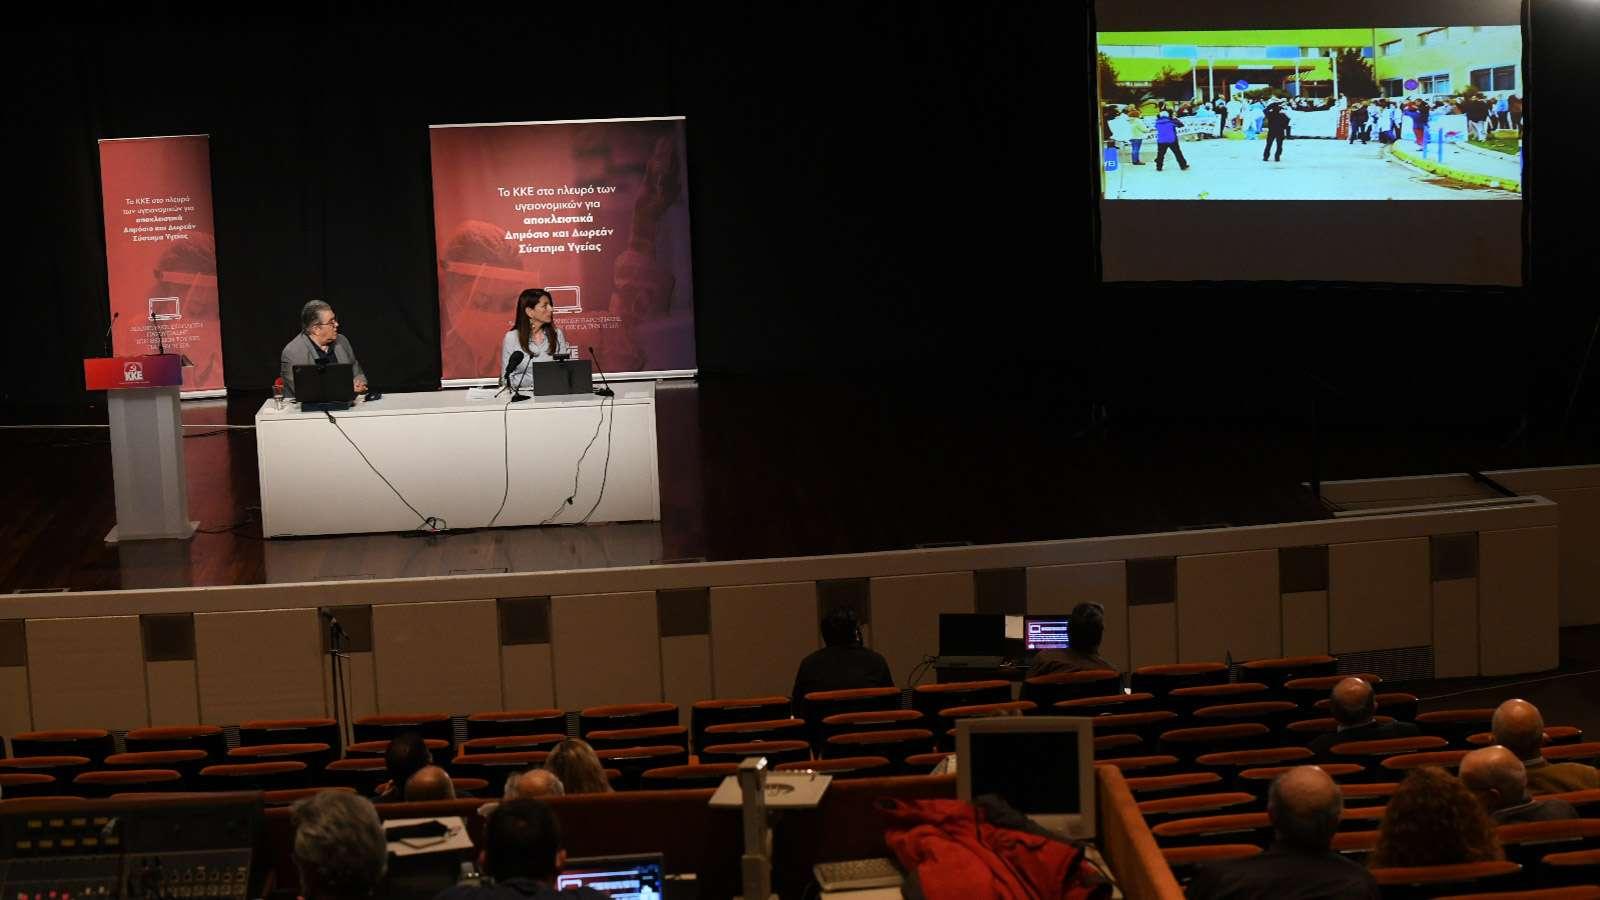 θέσεις του ΚΚΕ για την Υγεία Εκδήλωση Παρουσίαση 26 Απρίλη 2021 13